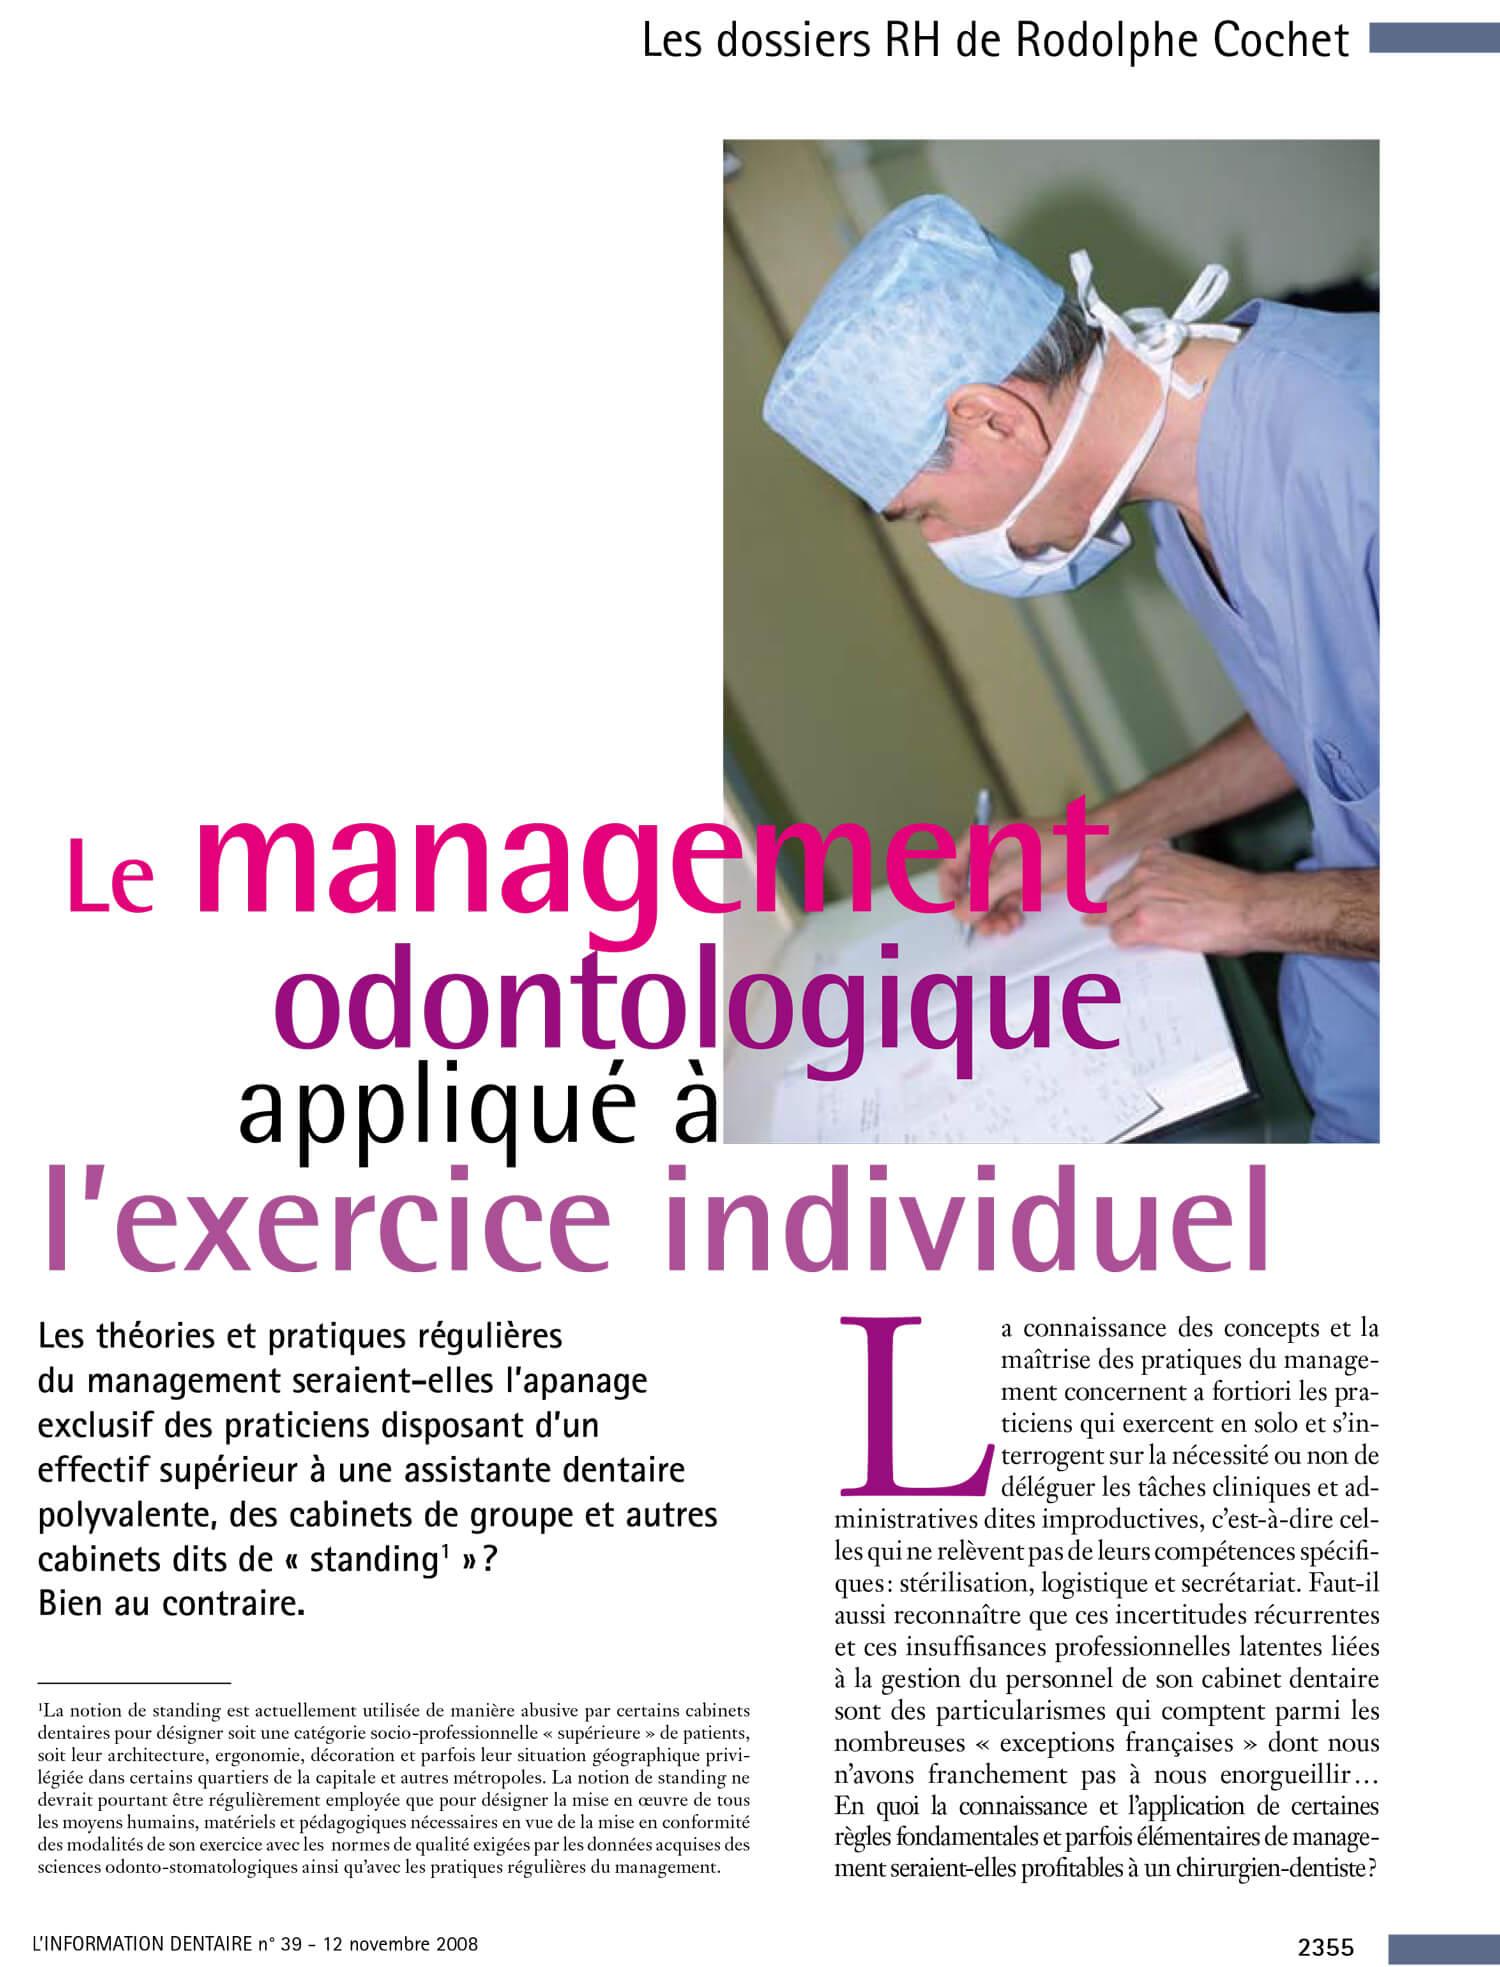 Le_Management_Odontologique_applique_exercice_individuel_Rodolphe_Cochet.jpg